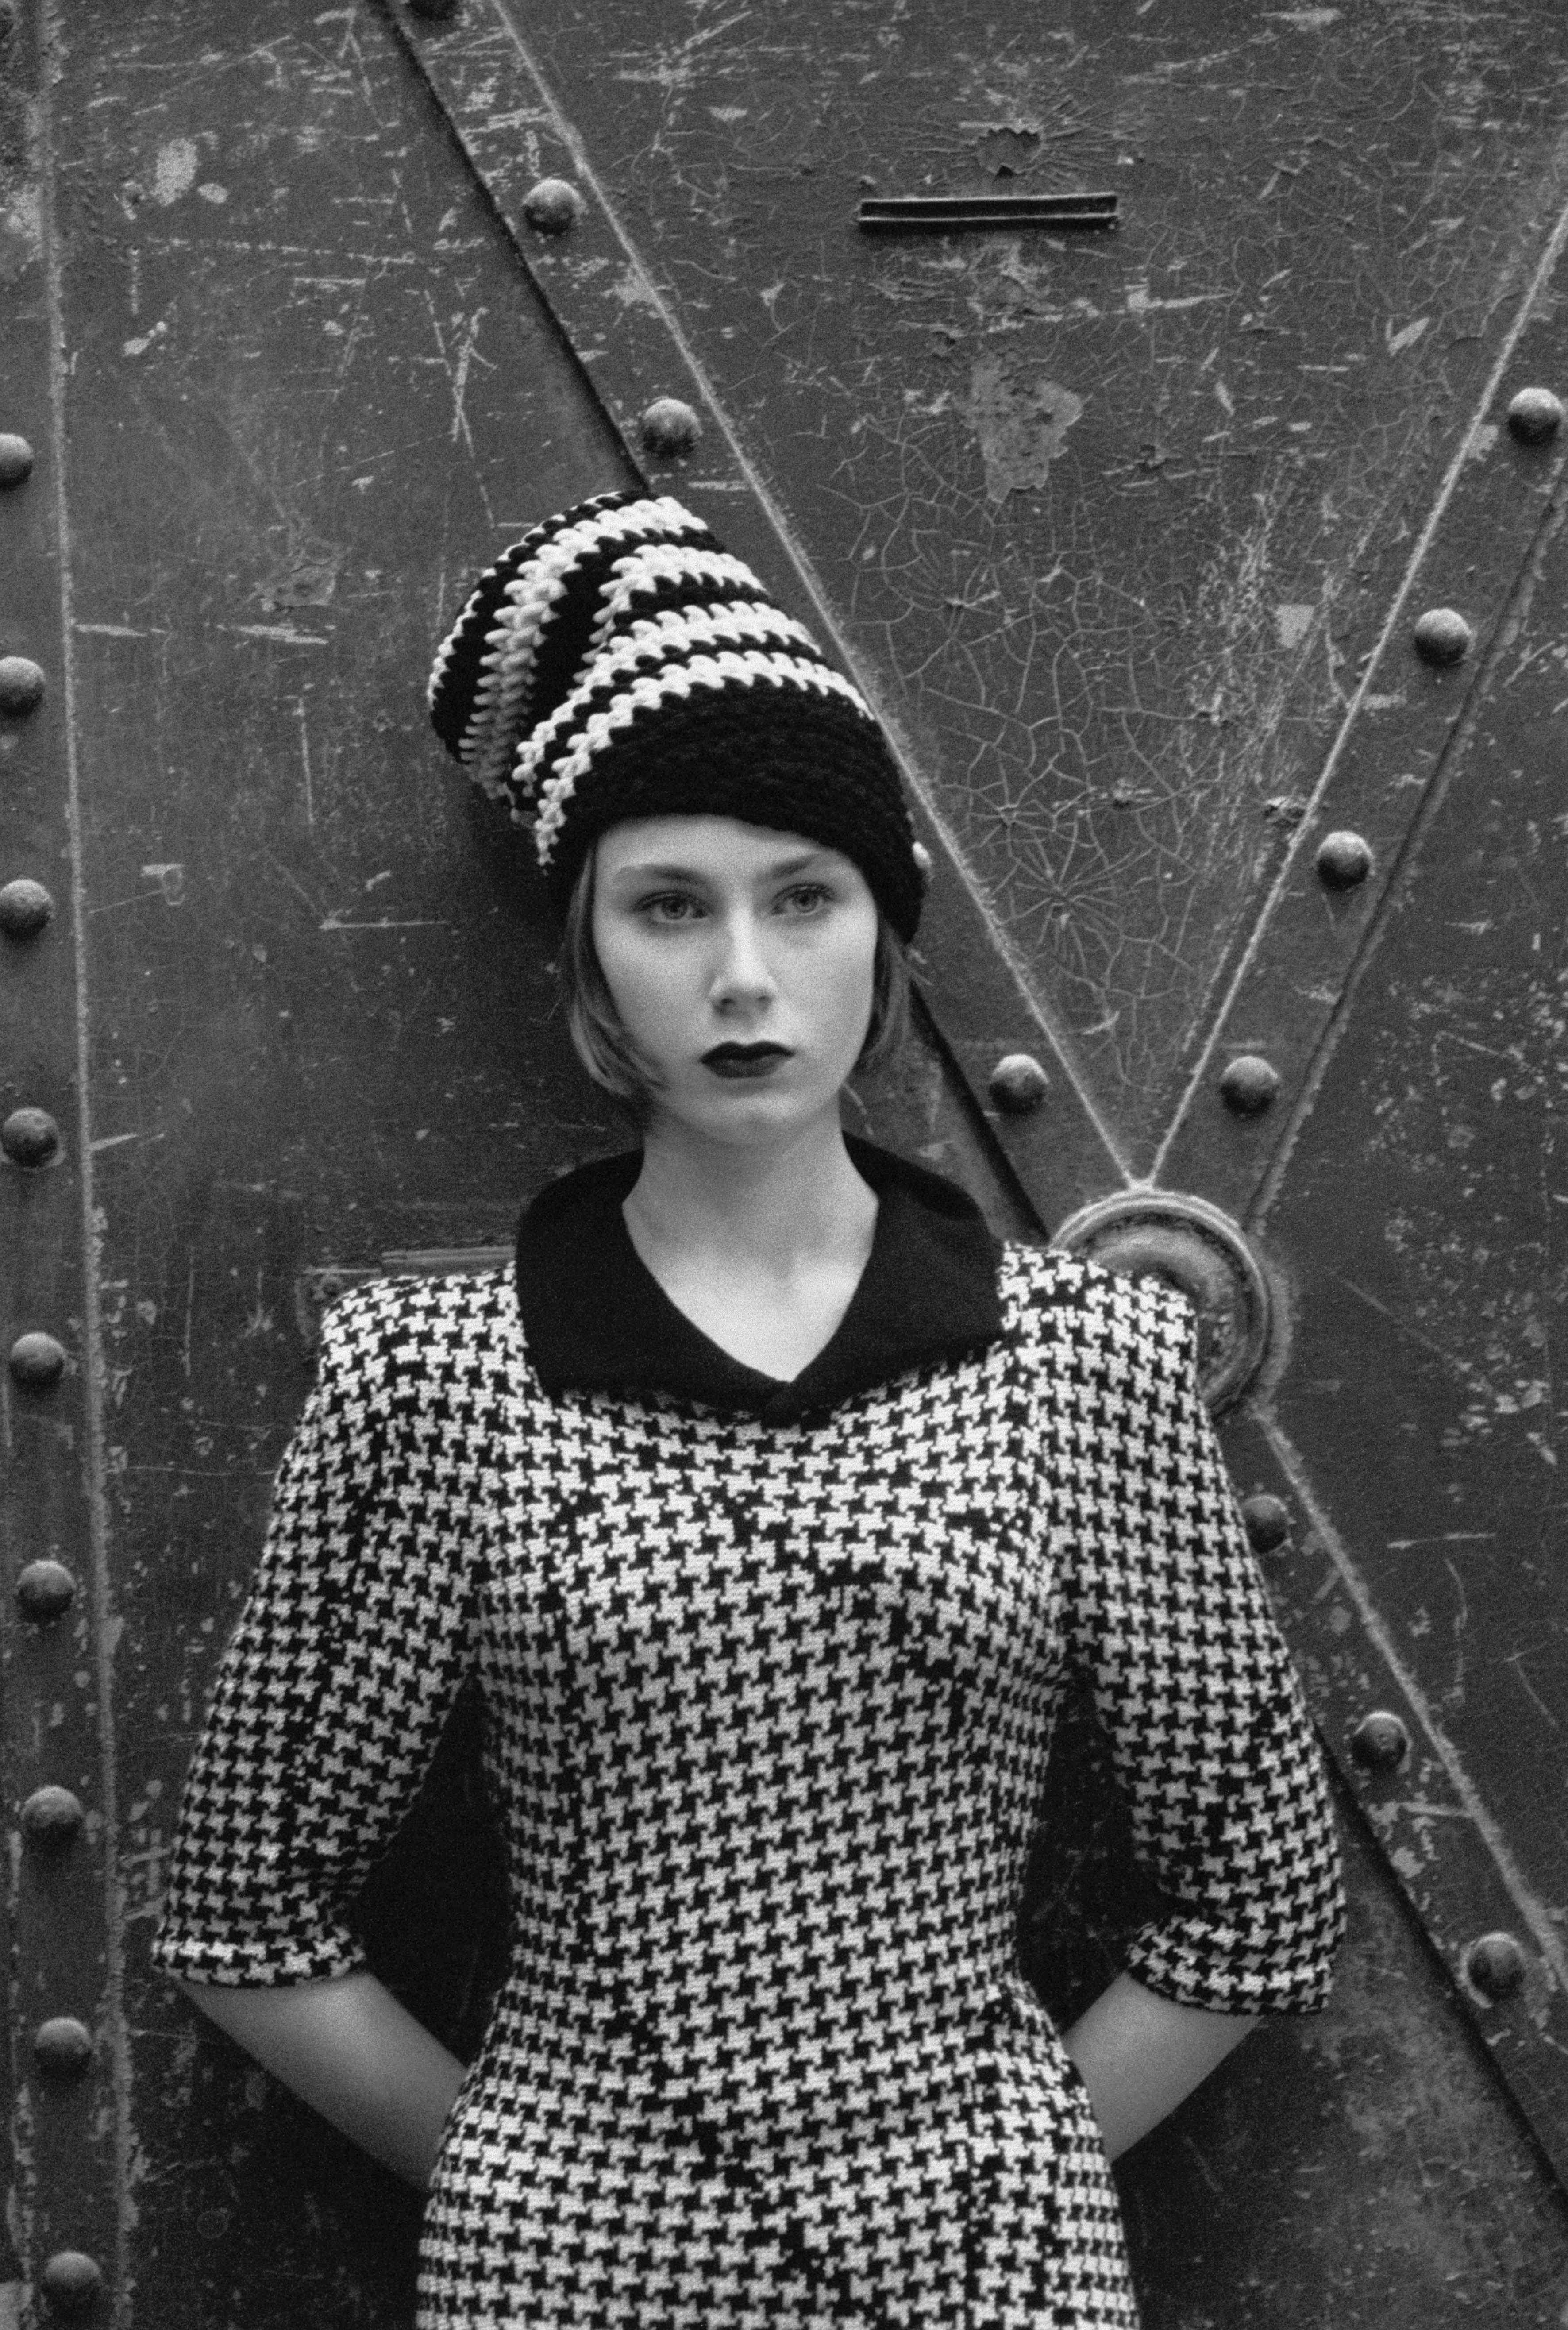 Modefoto mit Lily von Wild, 2009, Deutschland (Foto: Sibylle Bergemann)